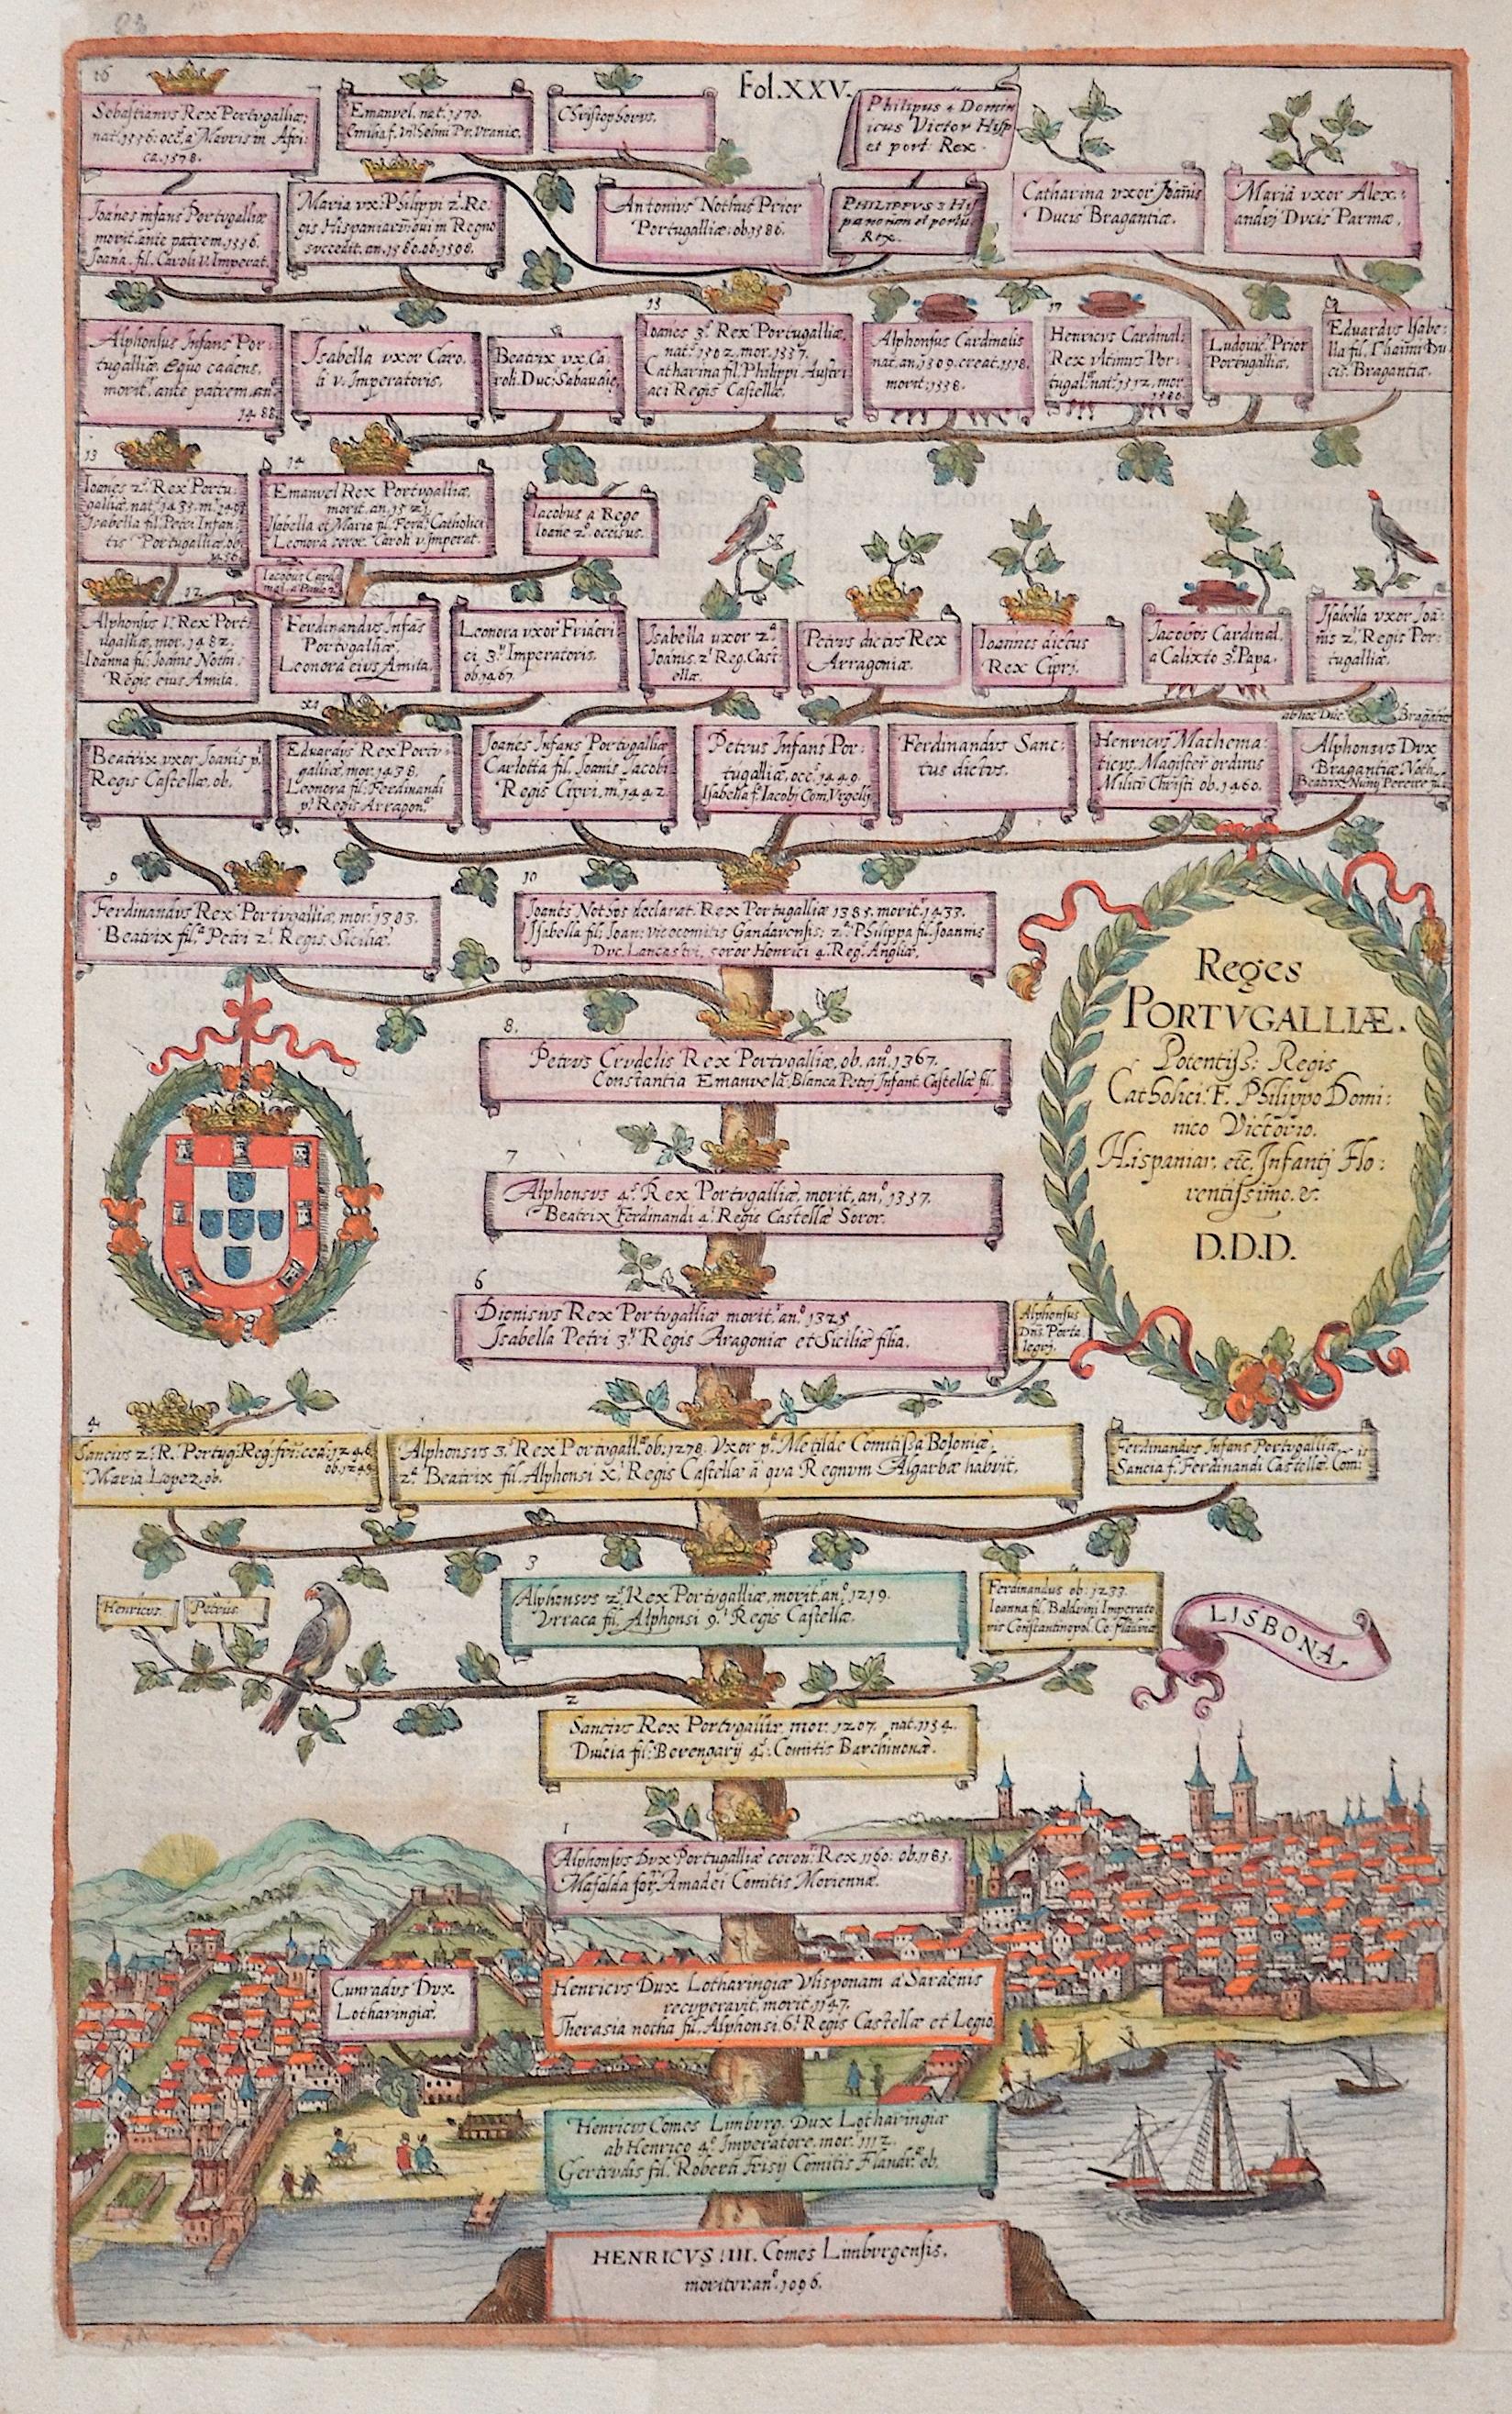 Albizzi  Reges Portugalliae.Potentiß: Regis Catbohci. F. Philippo Dominico Victrio. Hispaniar, etc. Infanti Florentissimo D.D.D.